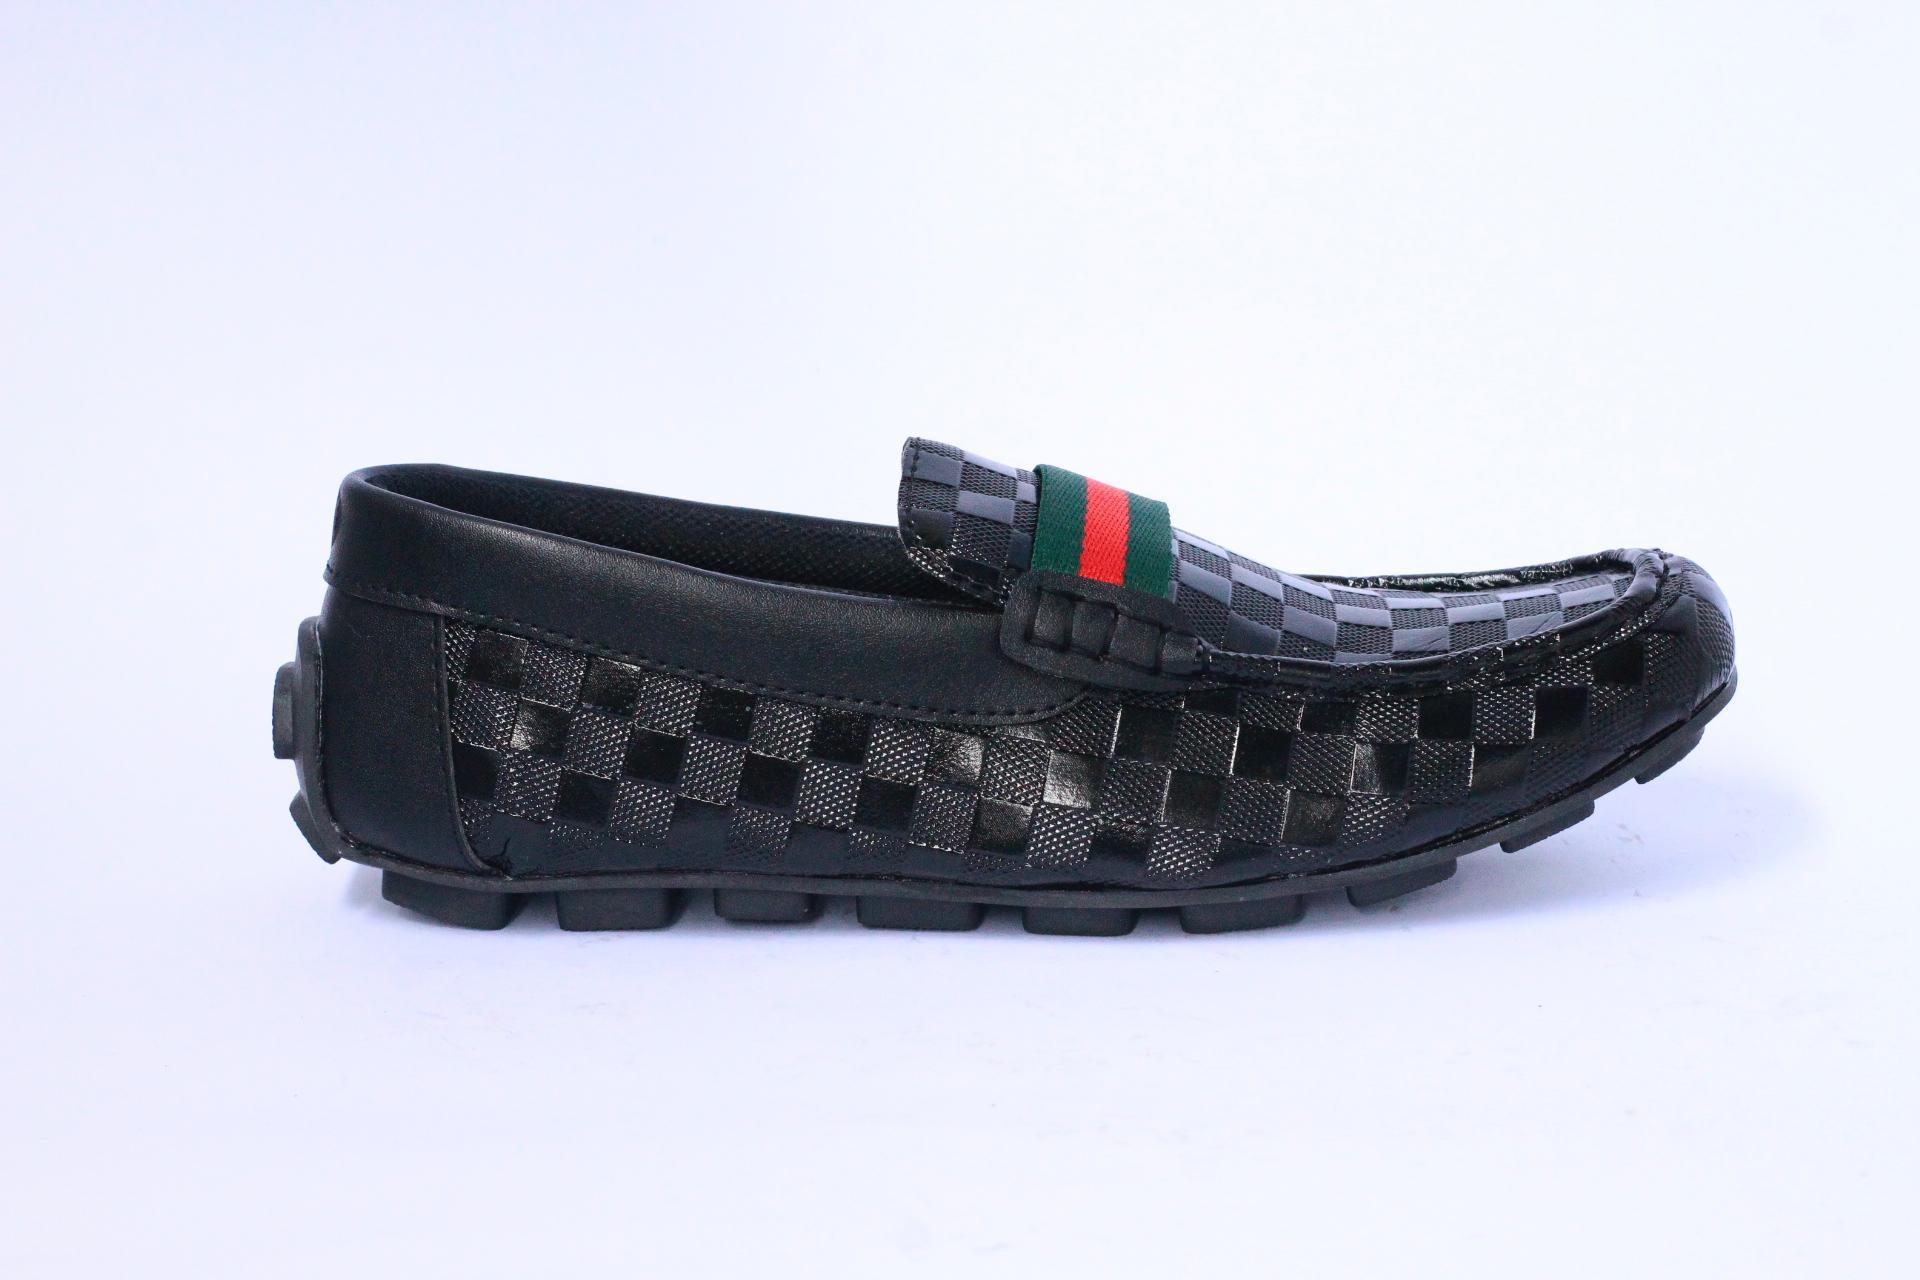 Sepatu kasual pria   sepatu slip on pria   sepatu slop loafers   sepatu  pantofel casual a868eea612